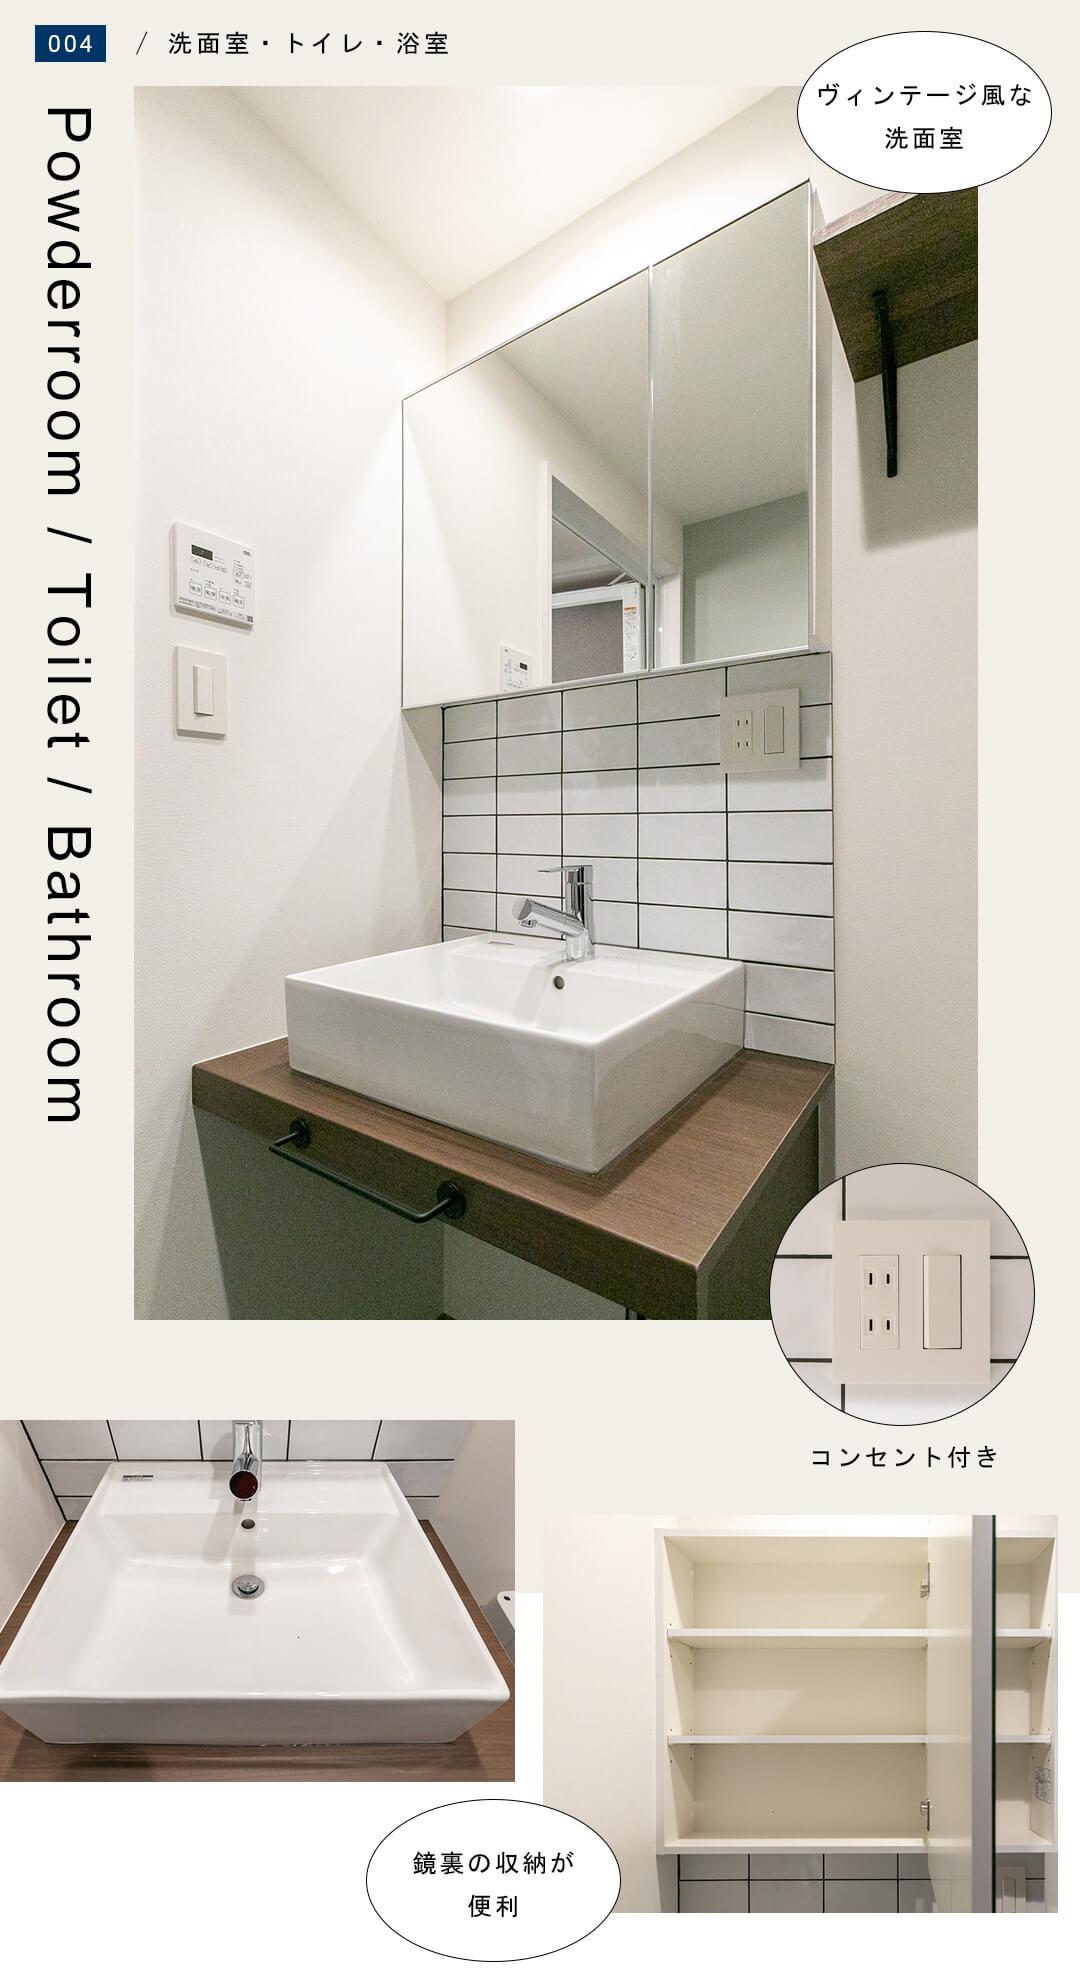 ユニロイヤル赤坂 6xxの洗面室・トイレ・浴室